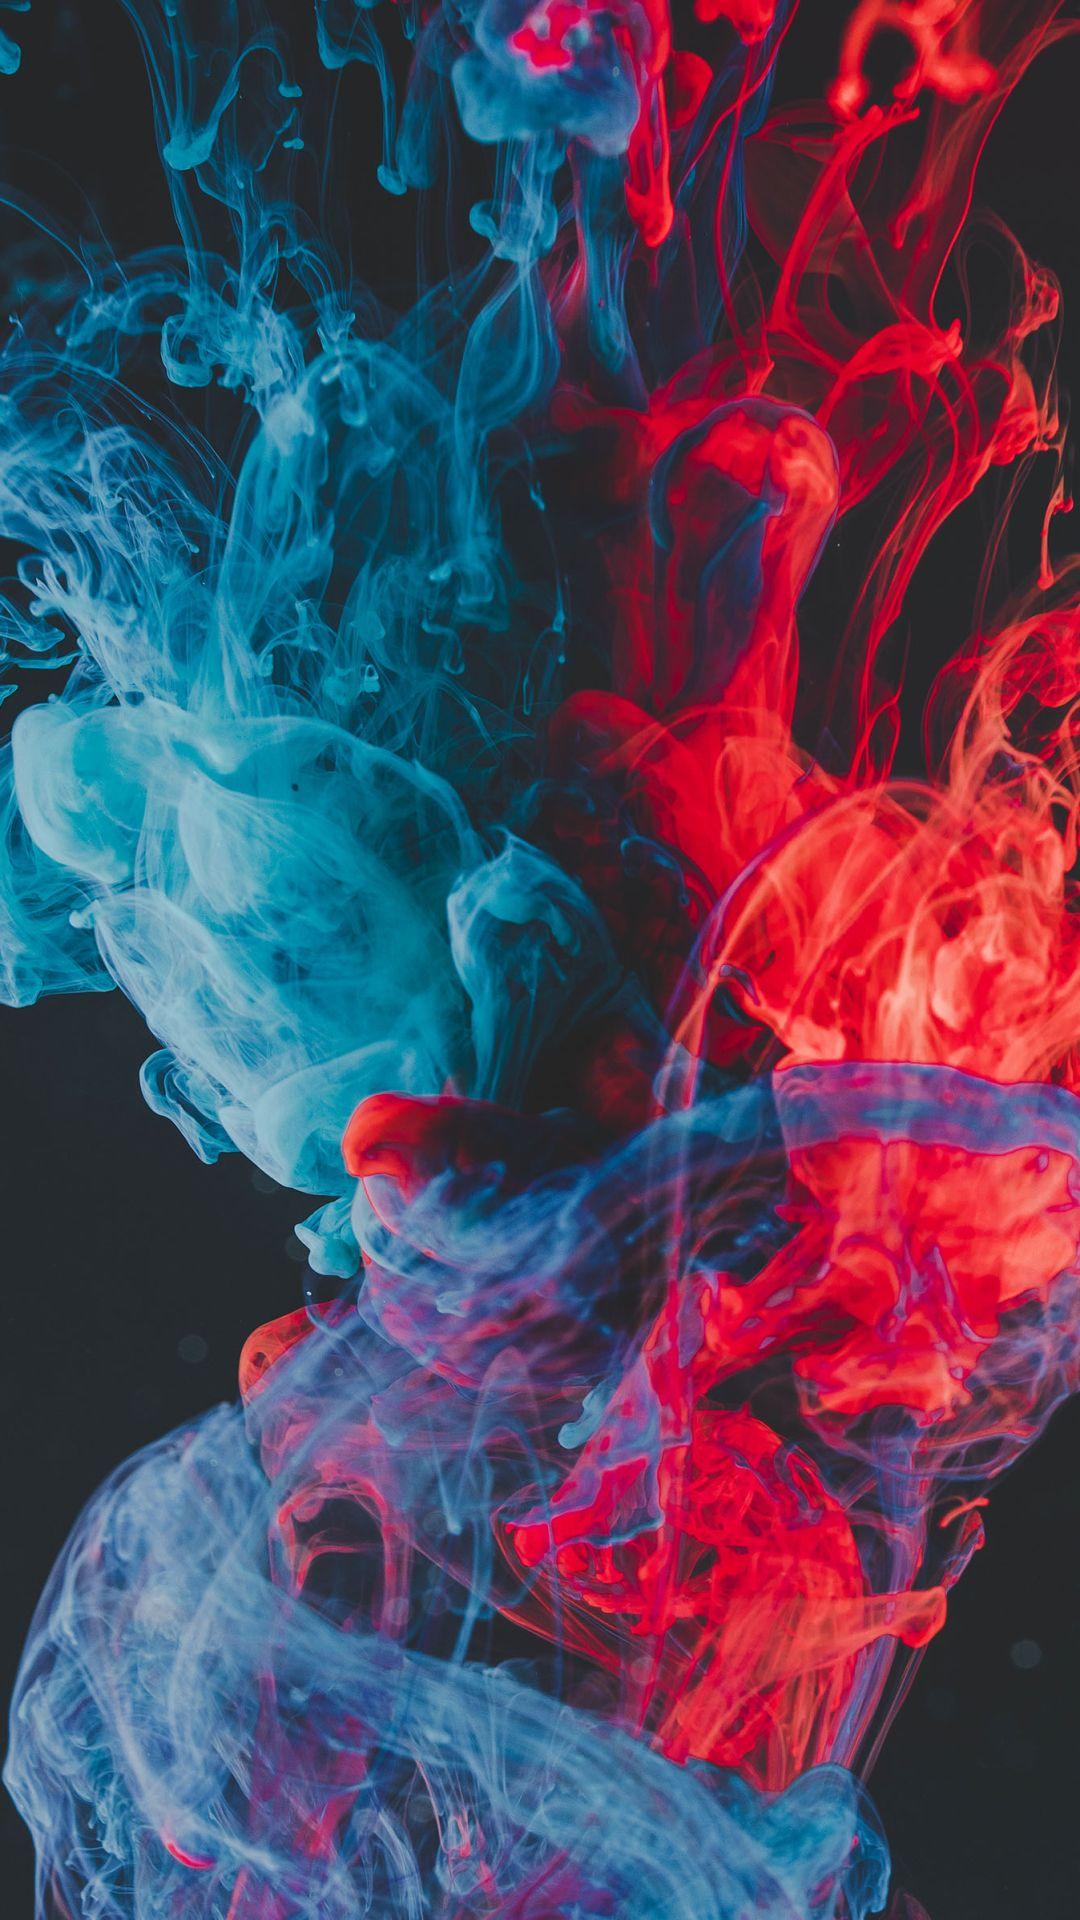 Abstract / Smoke (1080×1920) Mobile Wallpaper